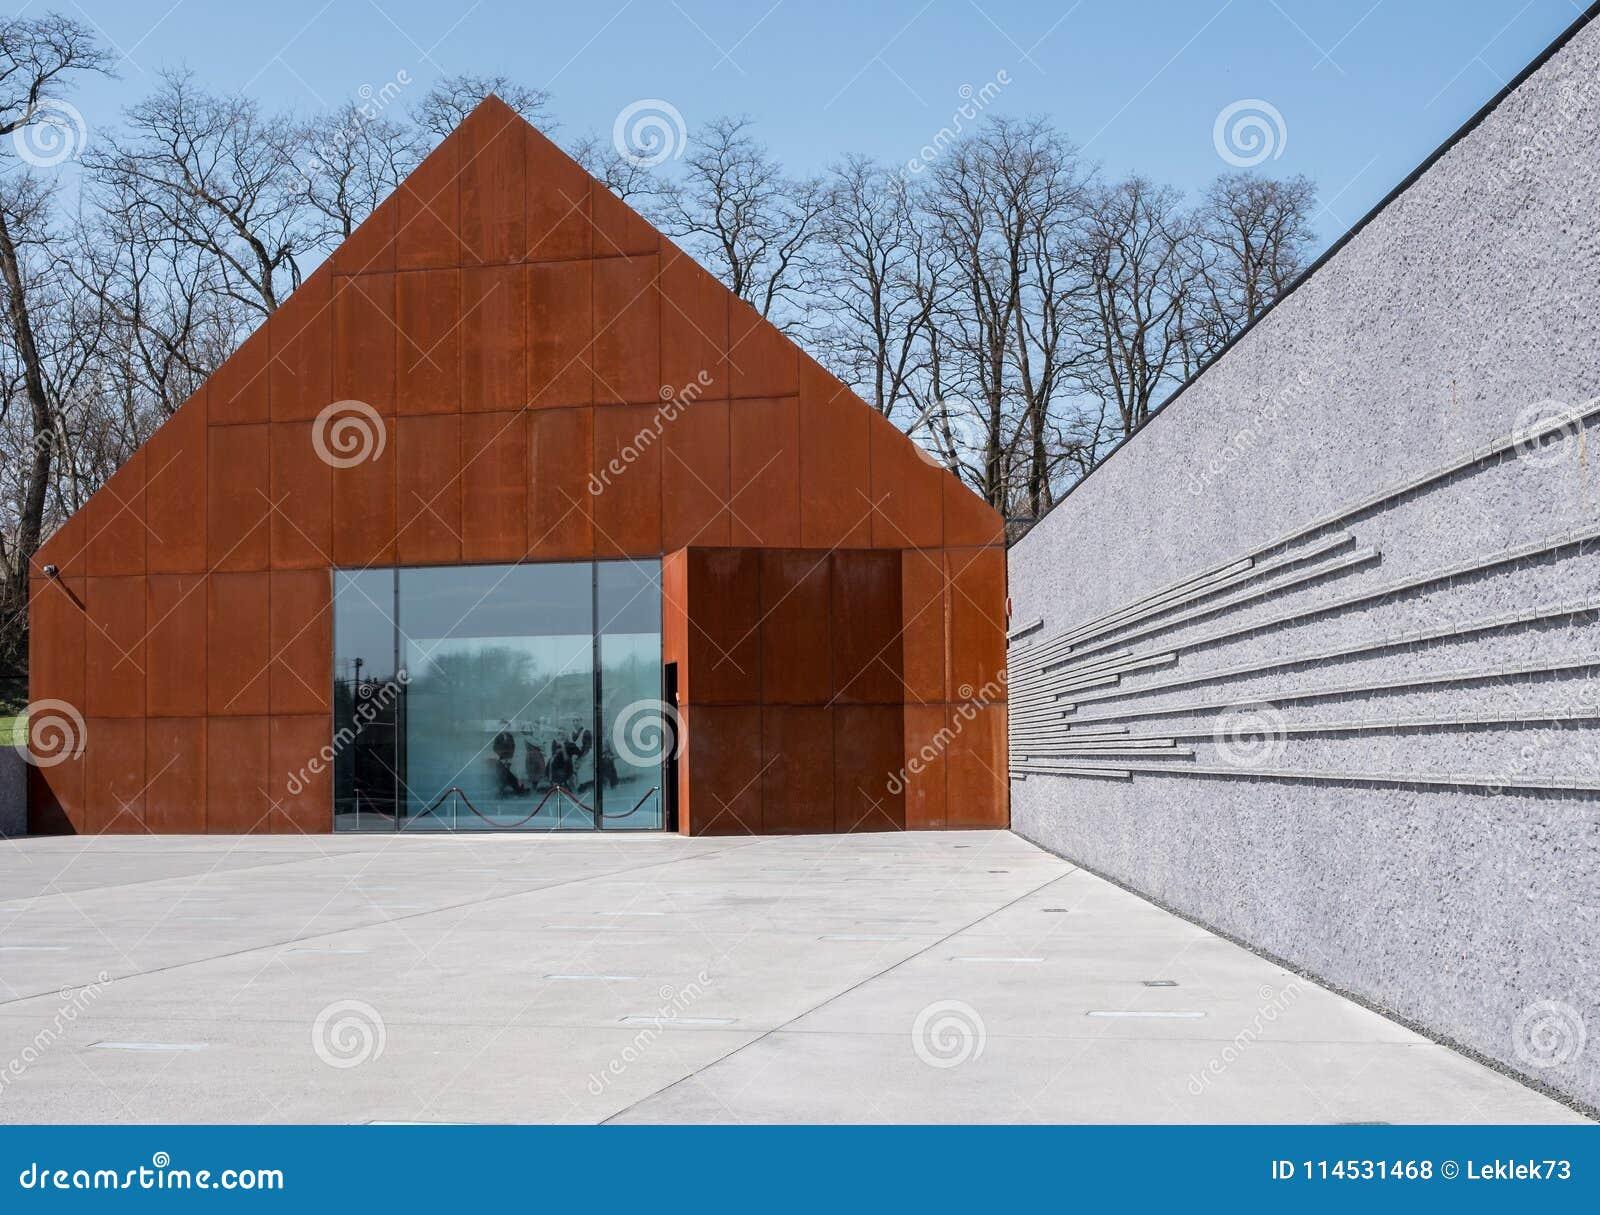 Markowa Polska Ulma Rodzinny muzeum słupy Ratuje żyd w drugiej wojnie światowa projektującej Nizio projektem